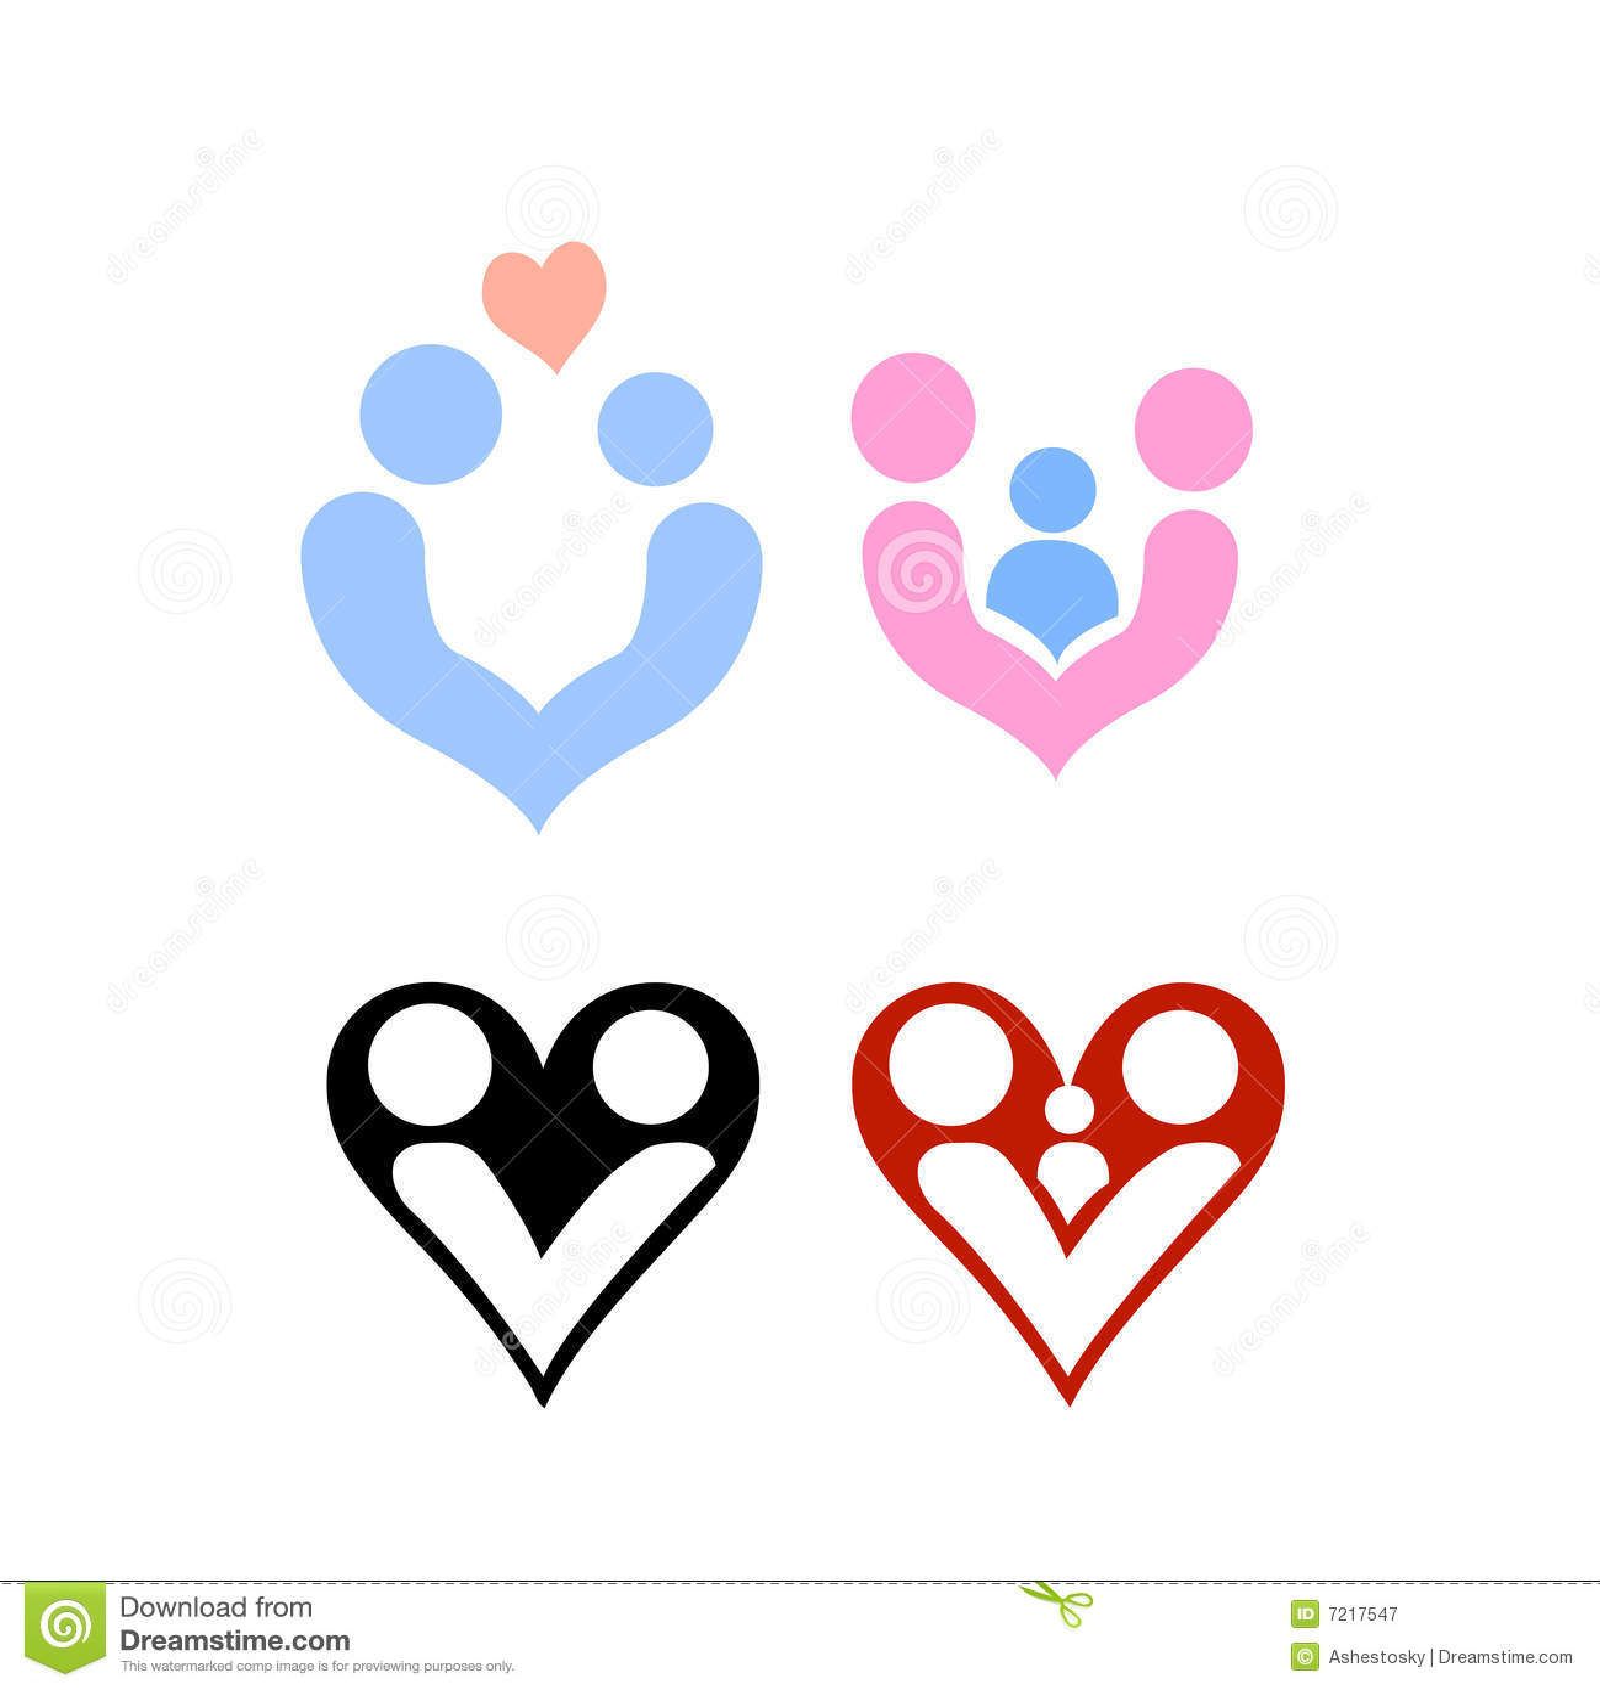 Vettore Di Marchi Di Disegno Di Amore E Della Famiglia Illustrazione